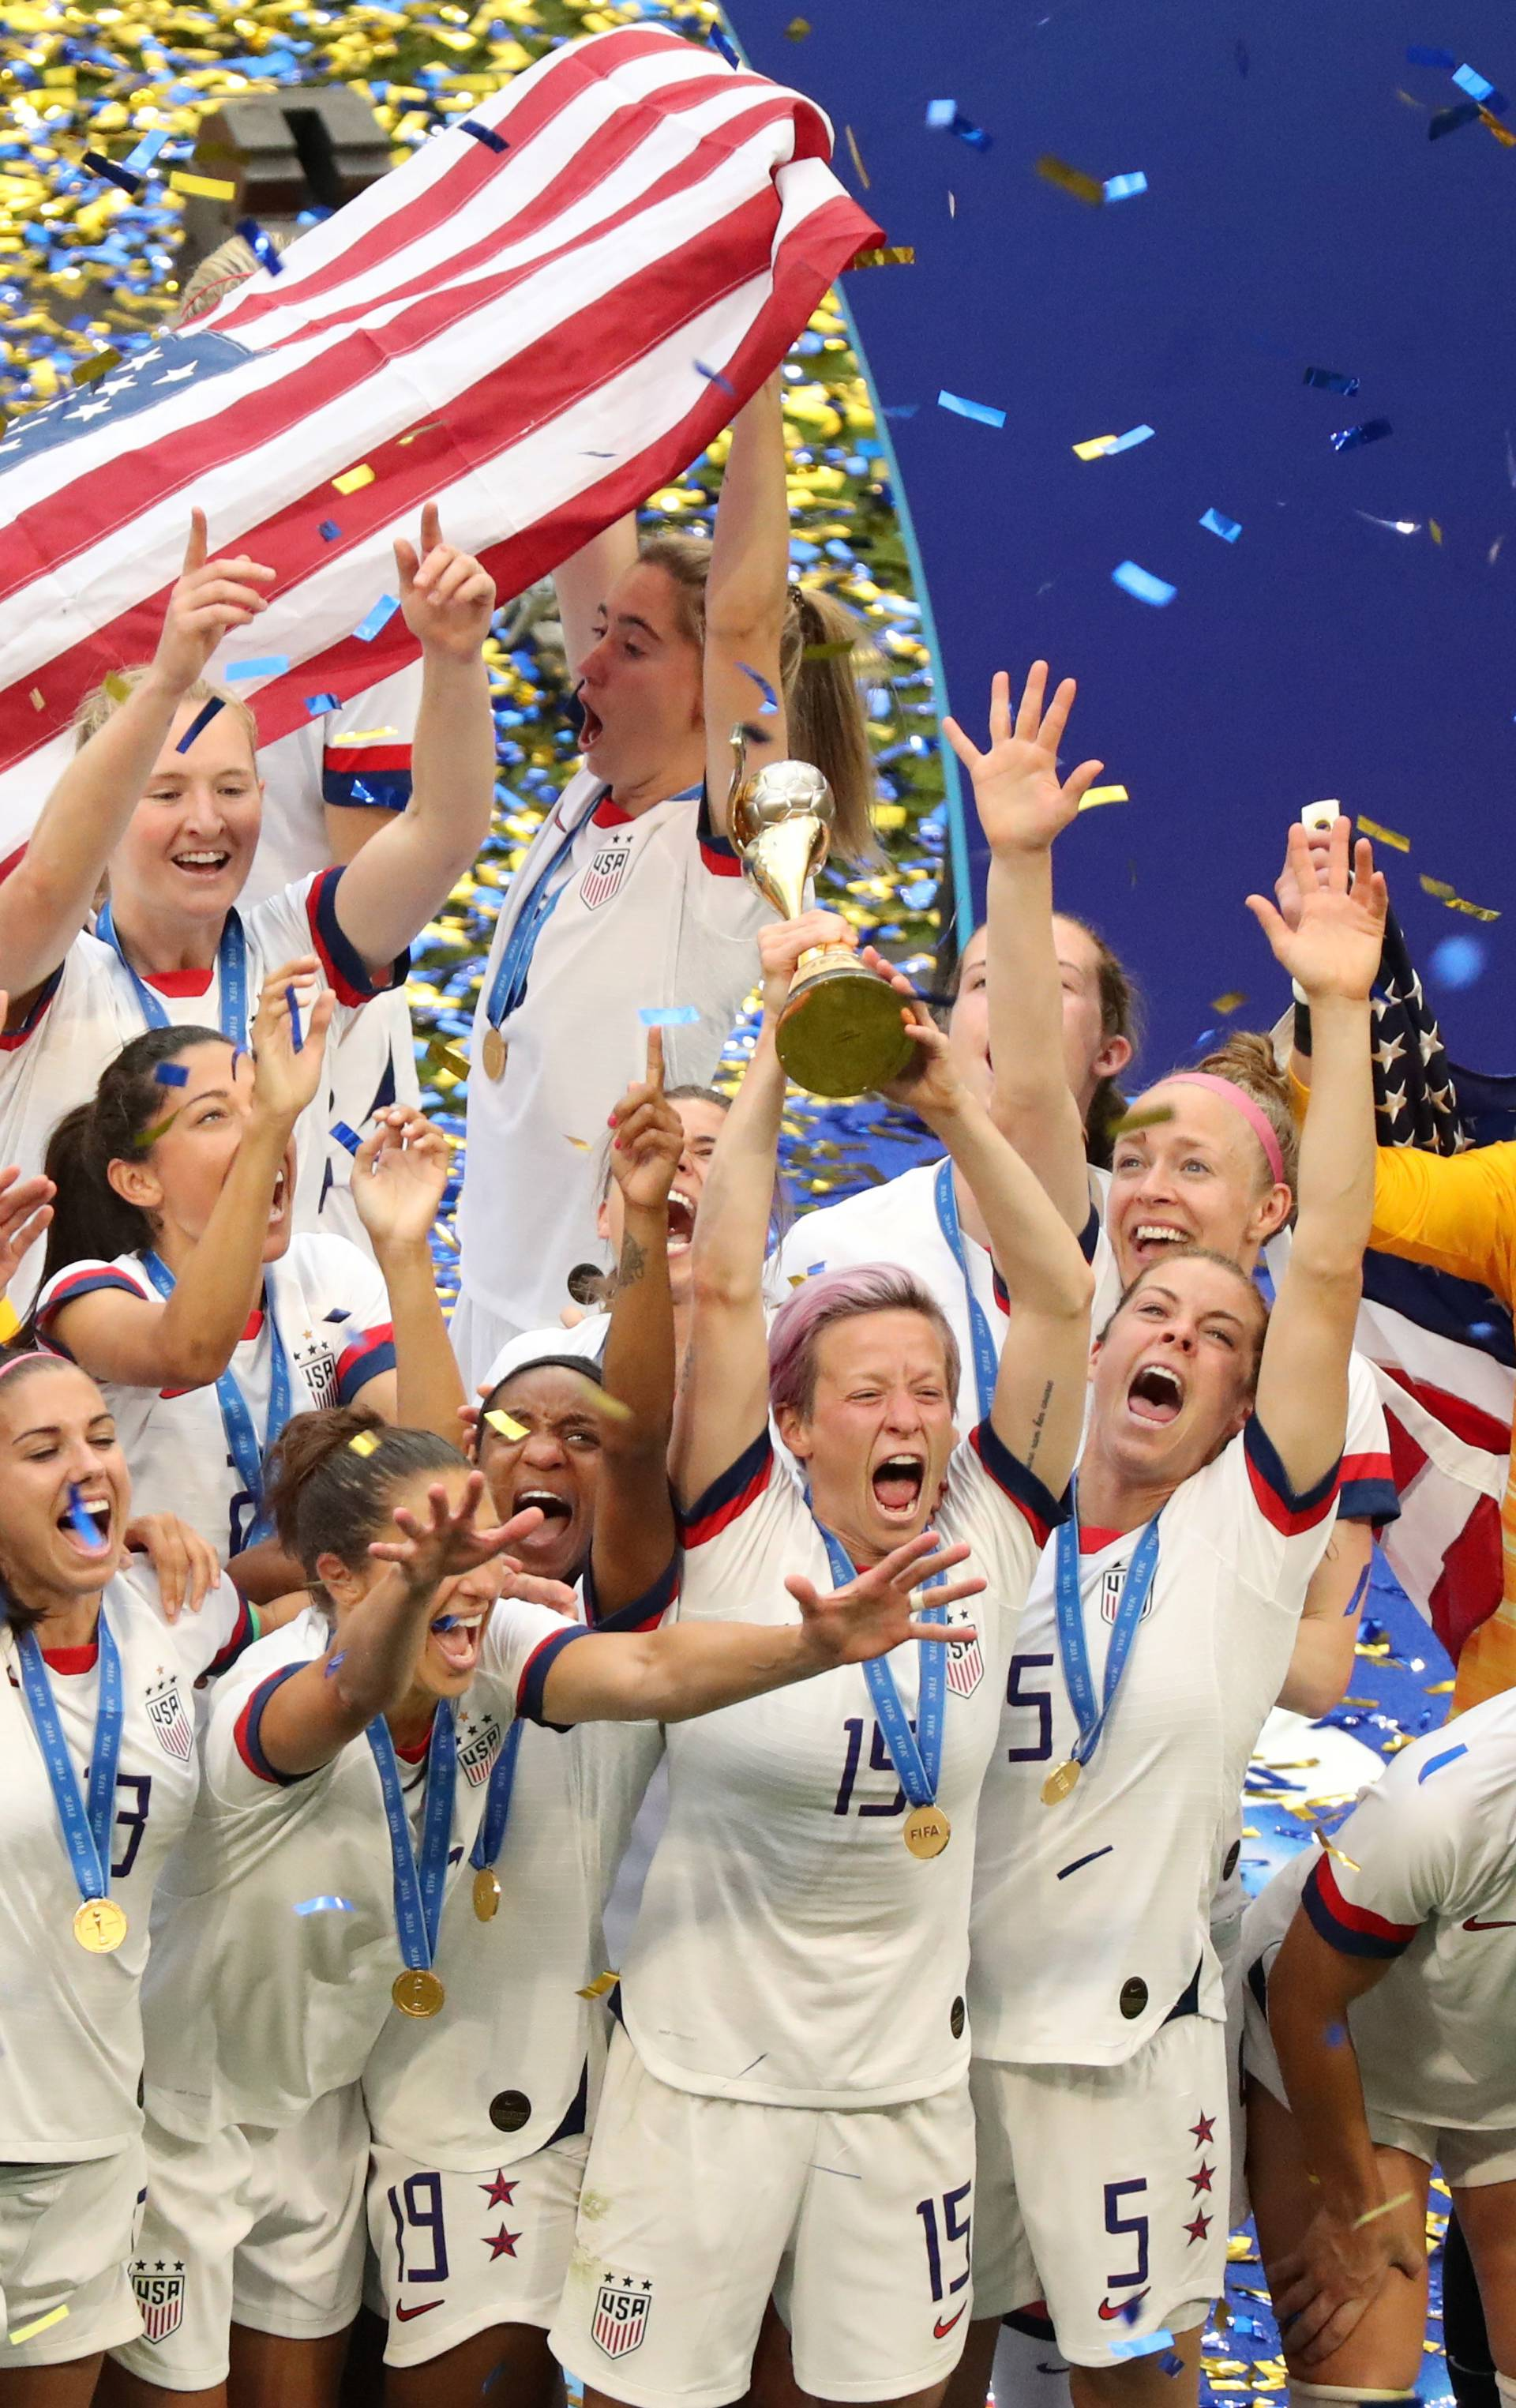 Nizozemke u suzama, vladarice nogometa su ipak Amerikanke!